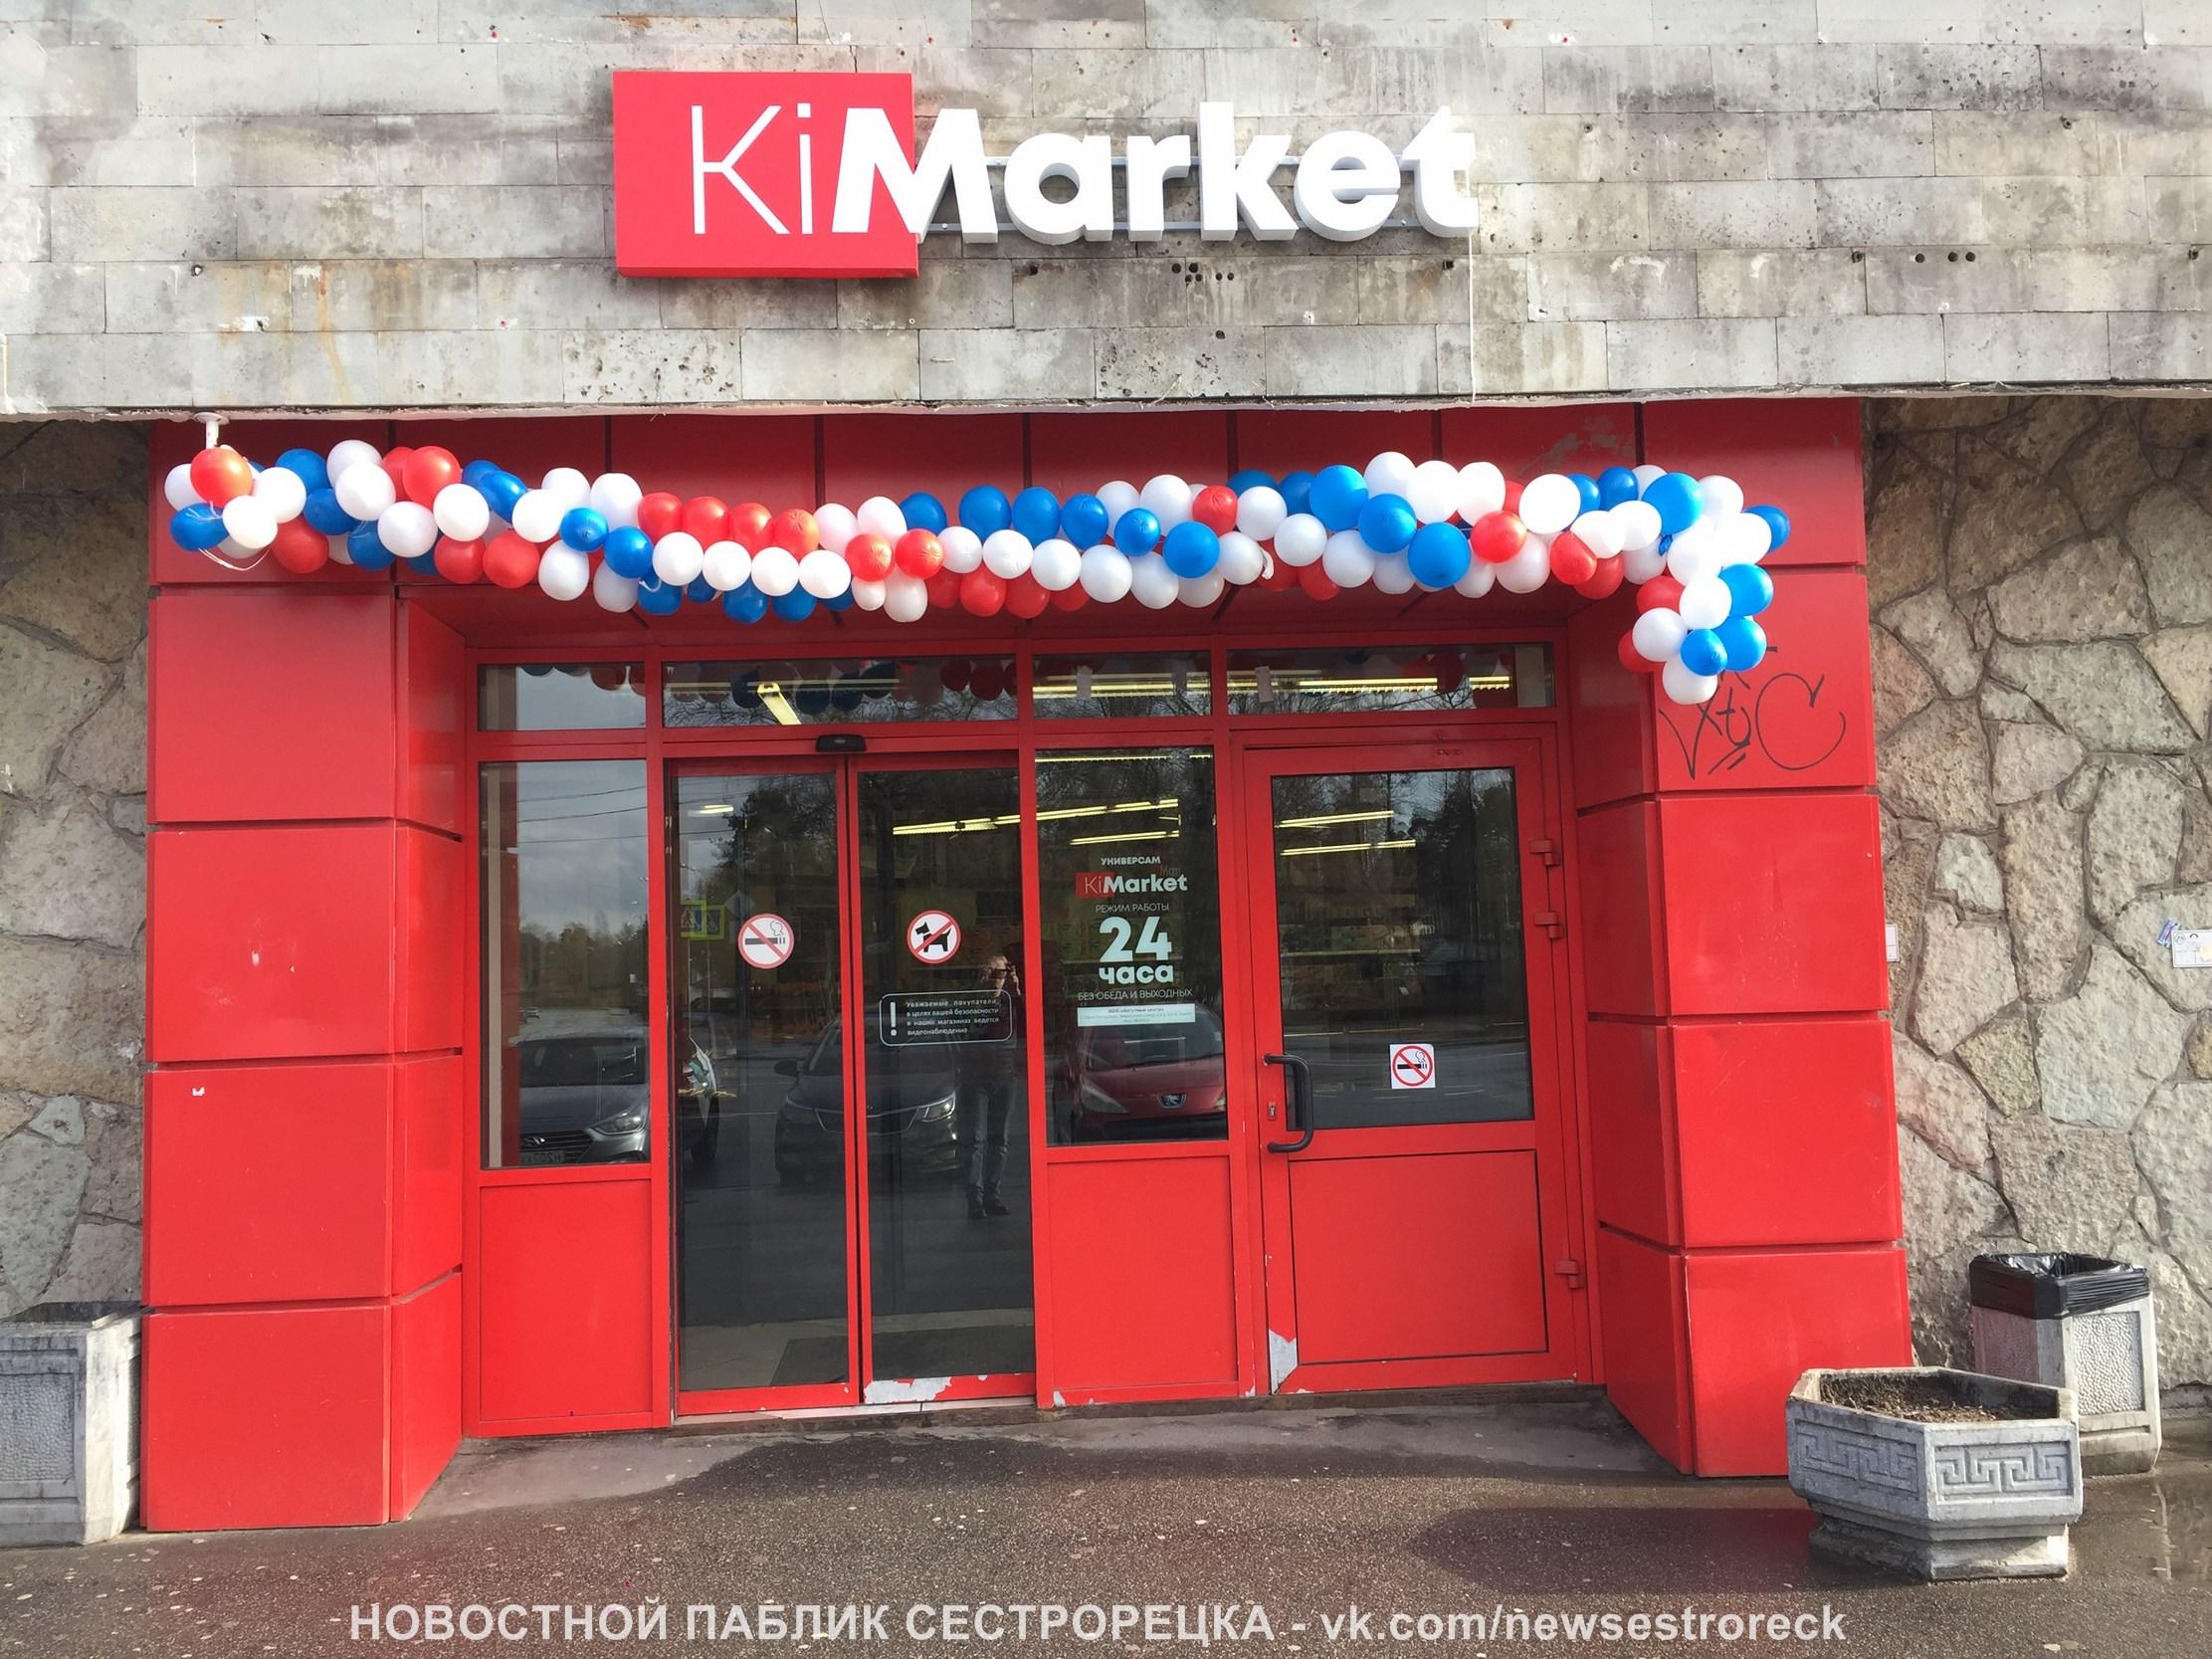 В Сестрорецке открылся магазин новой сети Ki-market